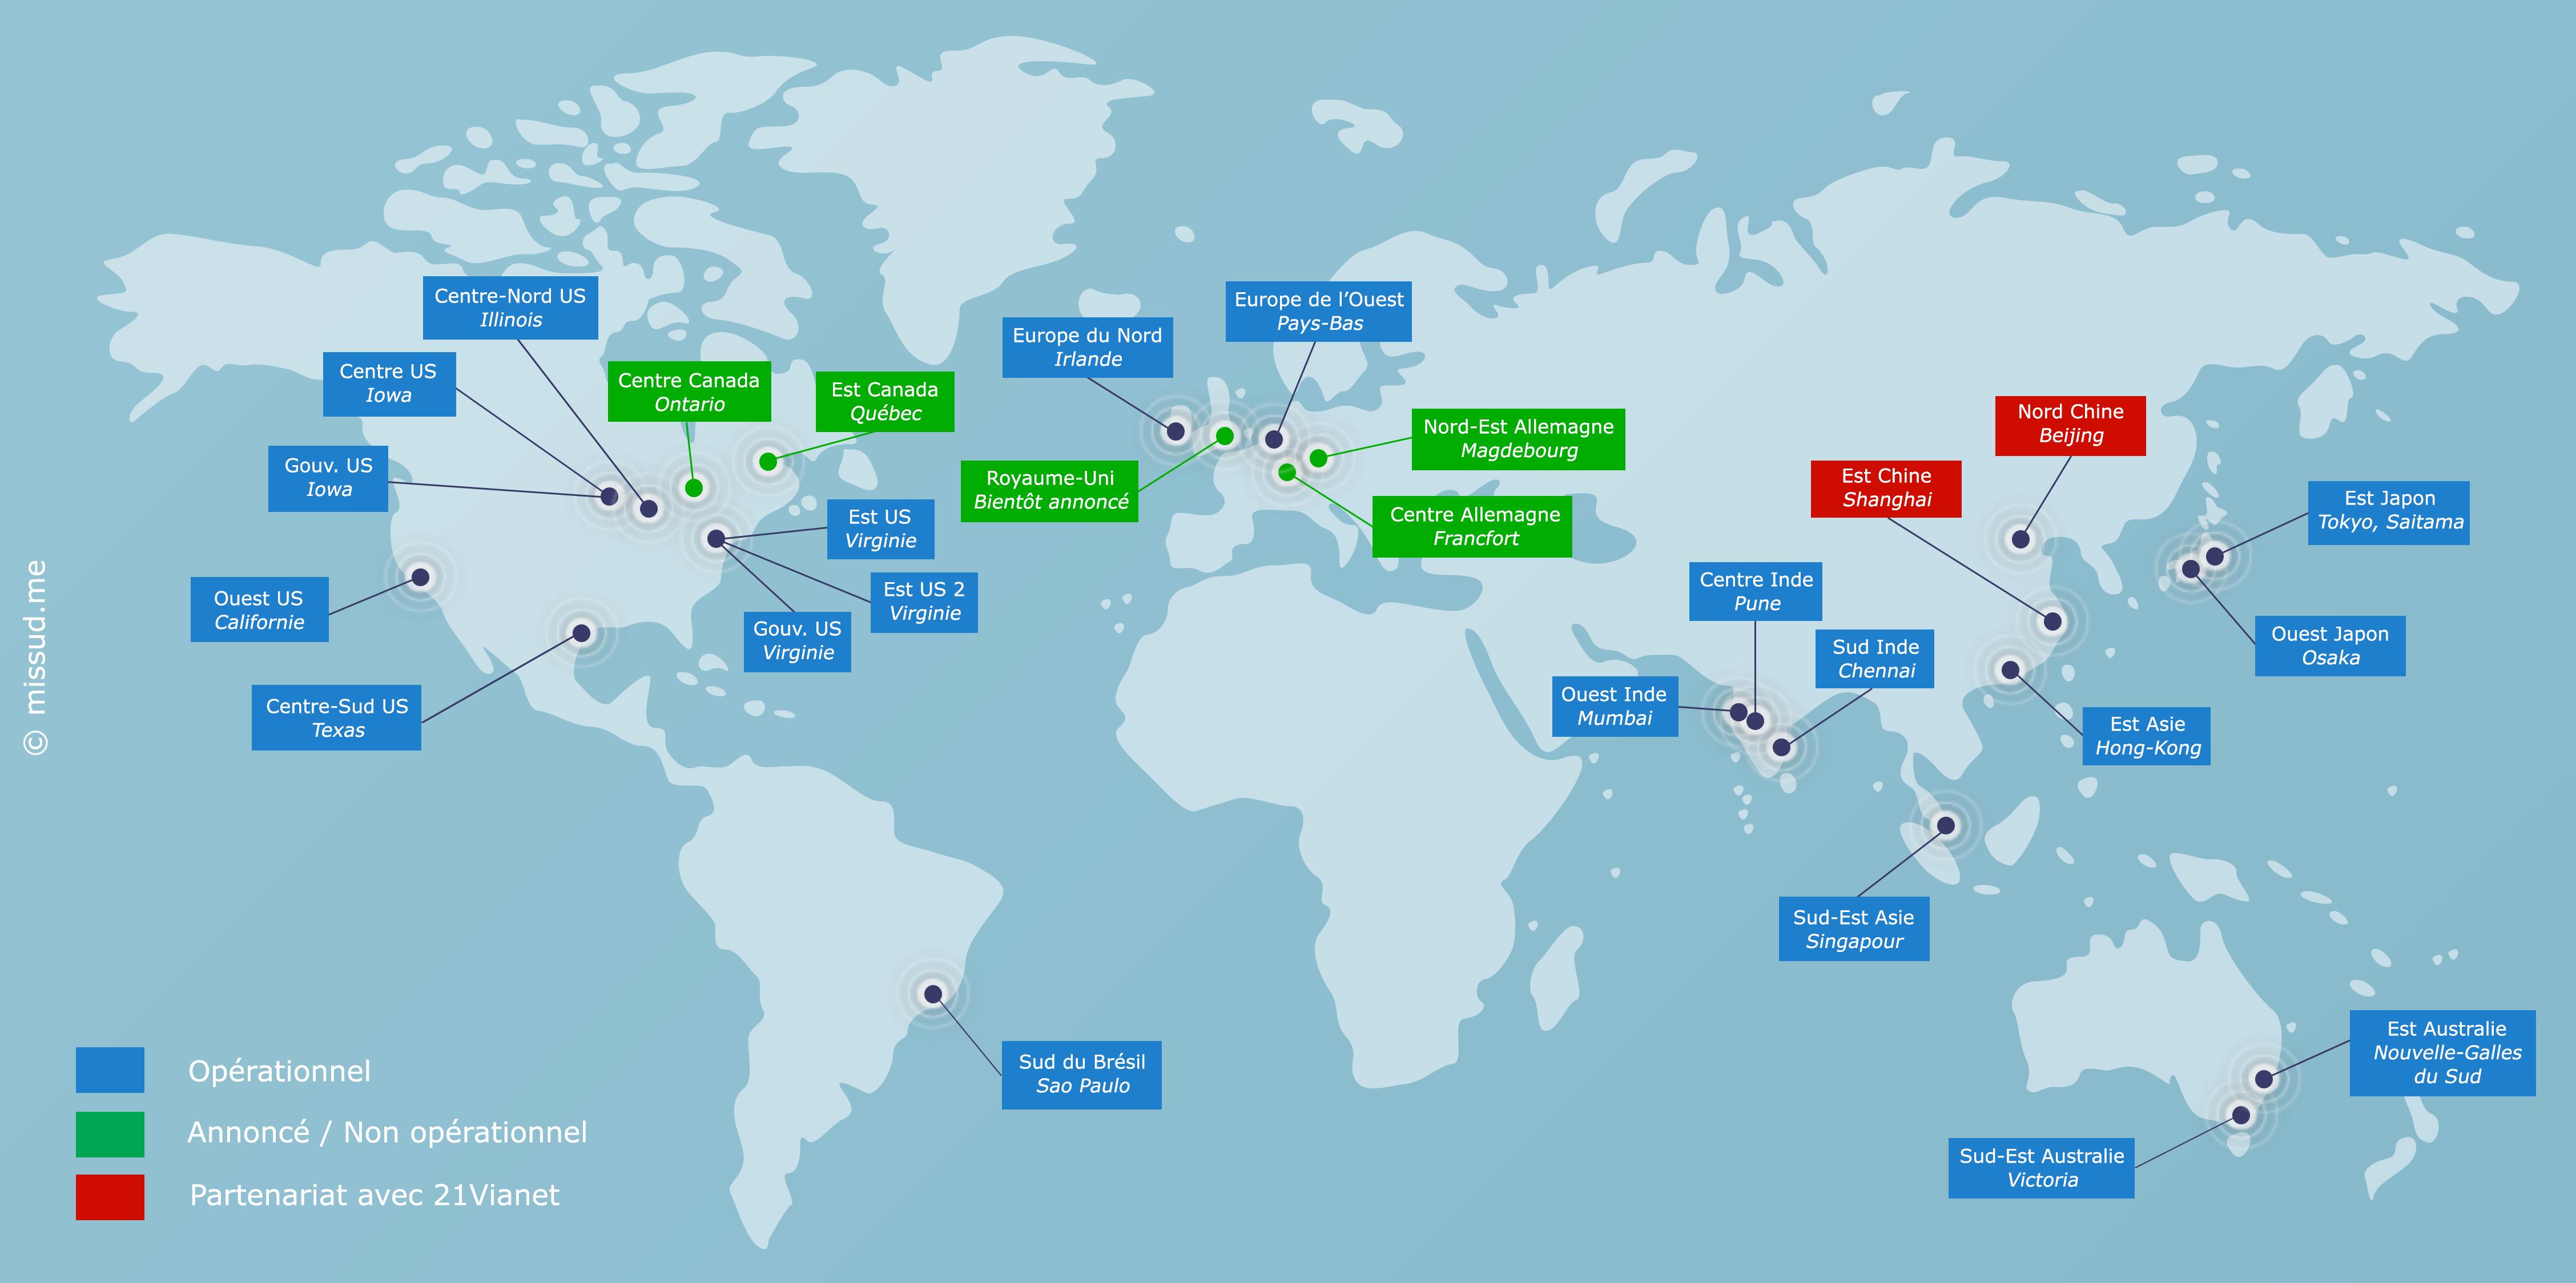 Centre de données Microsoft Azure - Mars 2016